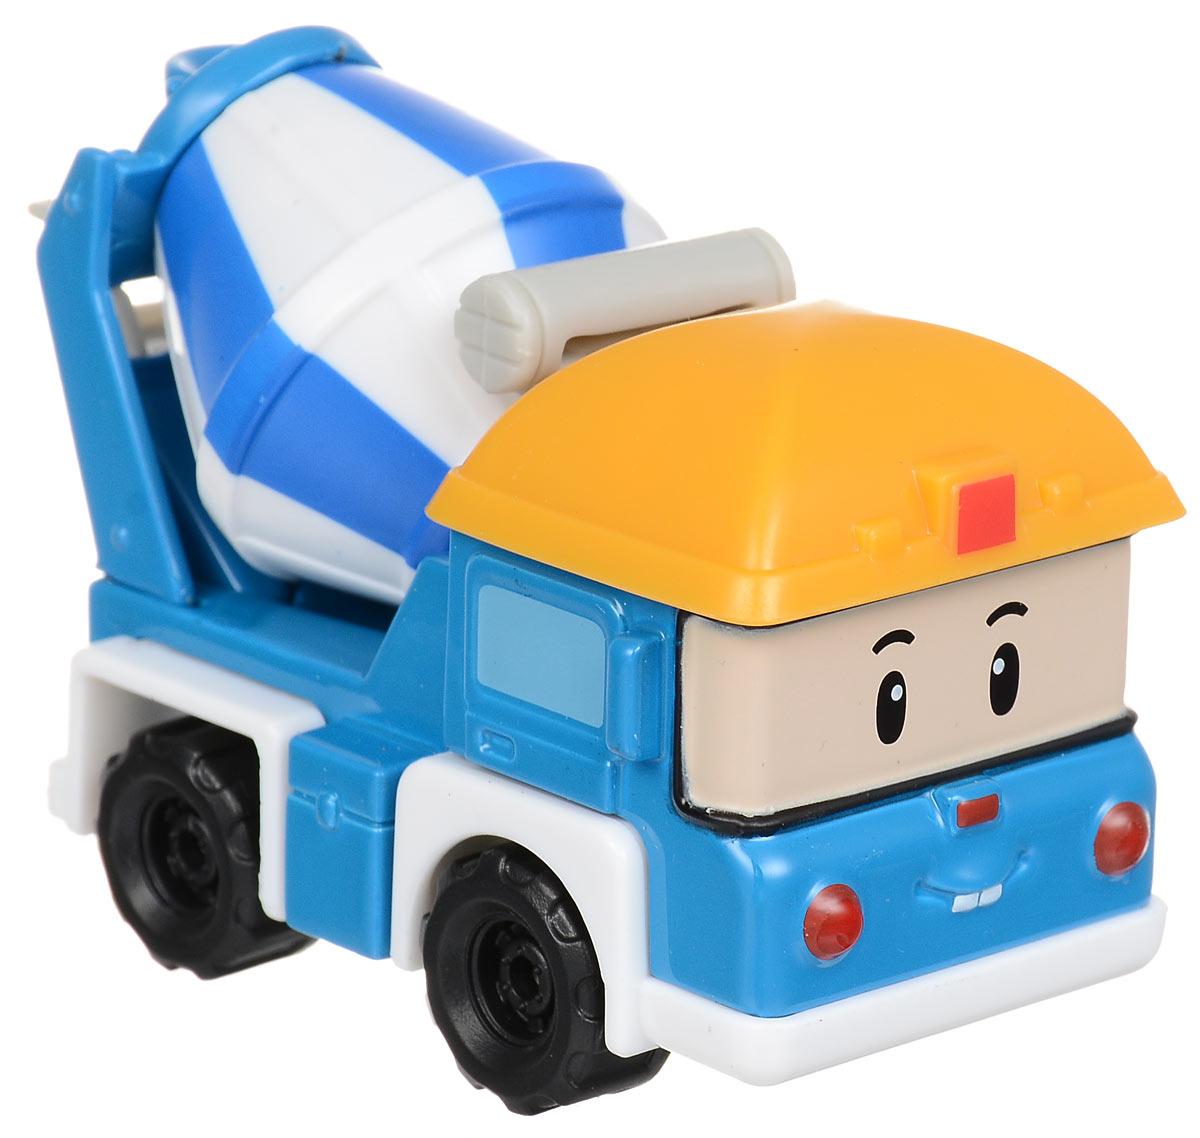 Robocar Poli Машинка Майки83256Машинка Robocar Poli Майки непременно понравится вашему малышу. Она выполнена из металла с элементами пластика в виде бетономешалки Майки - персонажа популярного мультсериала Robocar Poli. Майки оснащен колесиками со свободным ходом, позволяющими катать машинку. Благодаря небольшому размеру ребенок сможет взять игрушку с собой на прогулку, в поездку или в гости. Порадуйте своего малыша таким замечательным подарком!